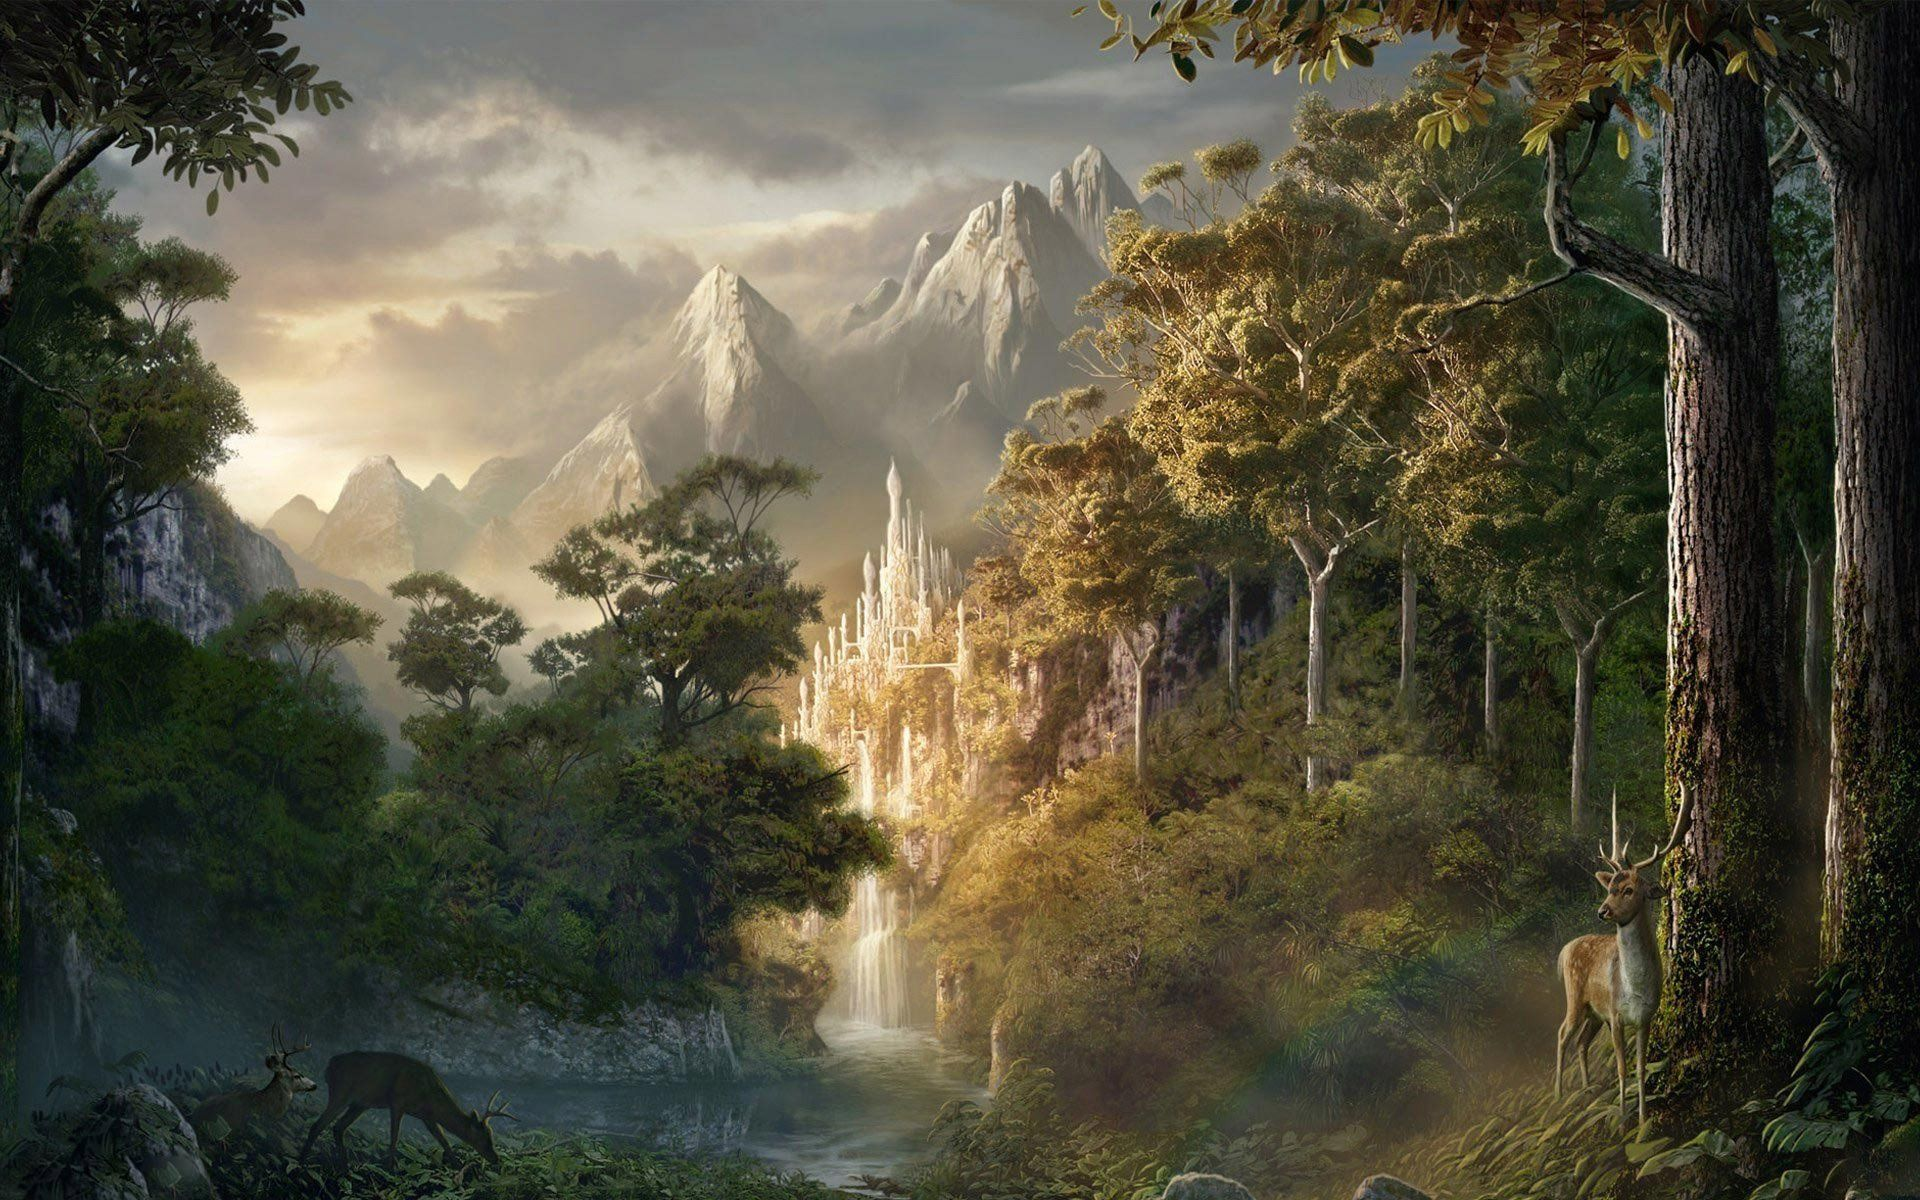 Hình nền lâu đài trong rừng tưởng tượng 1920x1200 (1920 × 1200).  Phong Cảnh Ảo Tưởng, Cây Ảo Tưởng, Rừng Ảo Ảnh